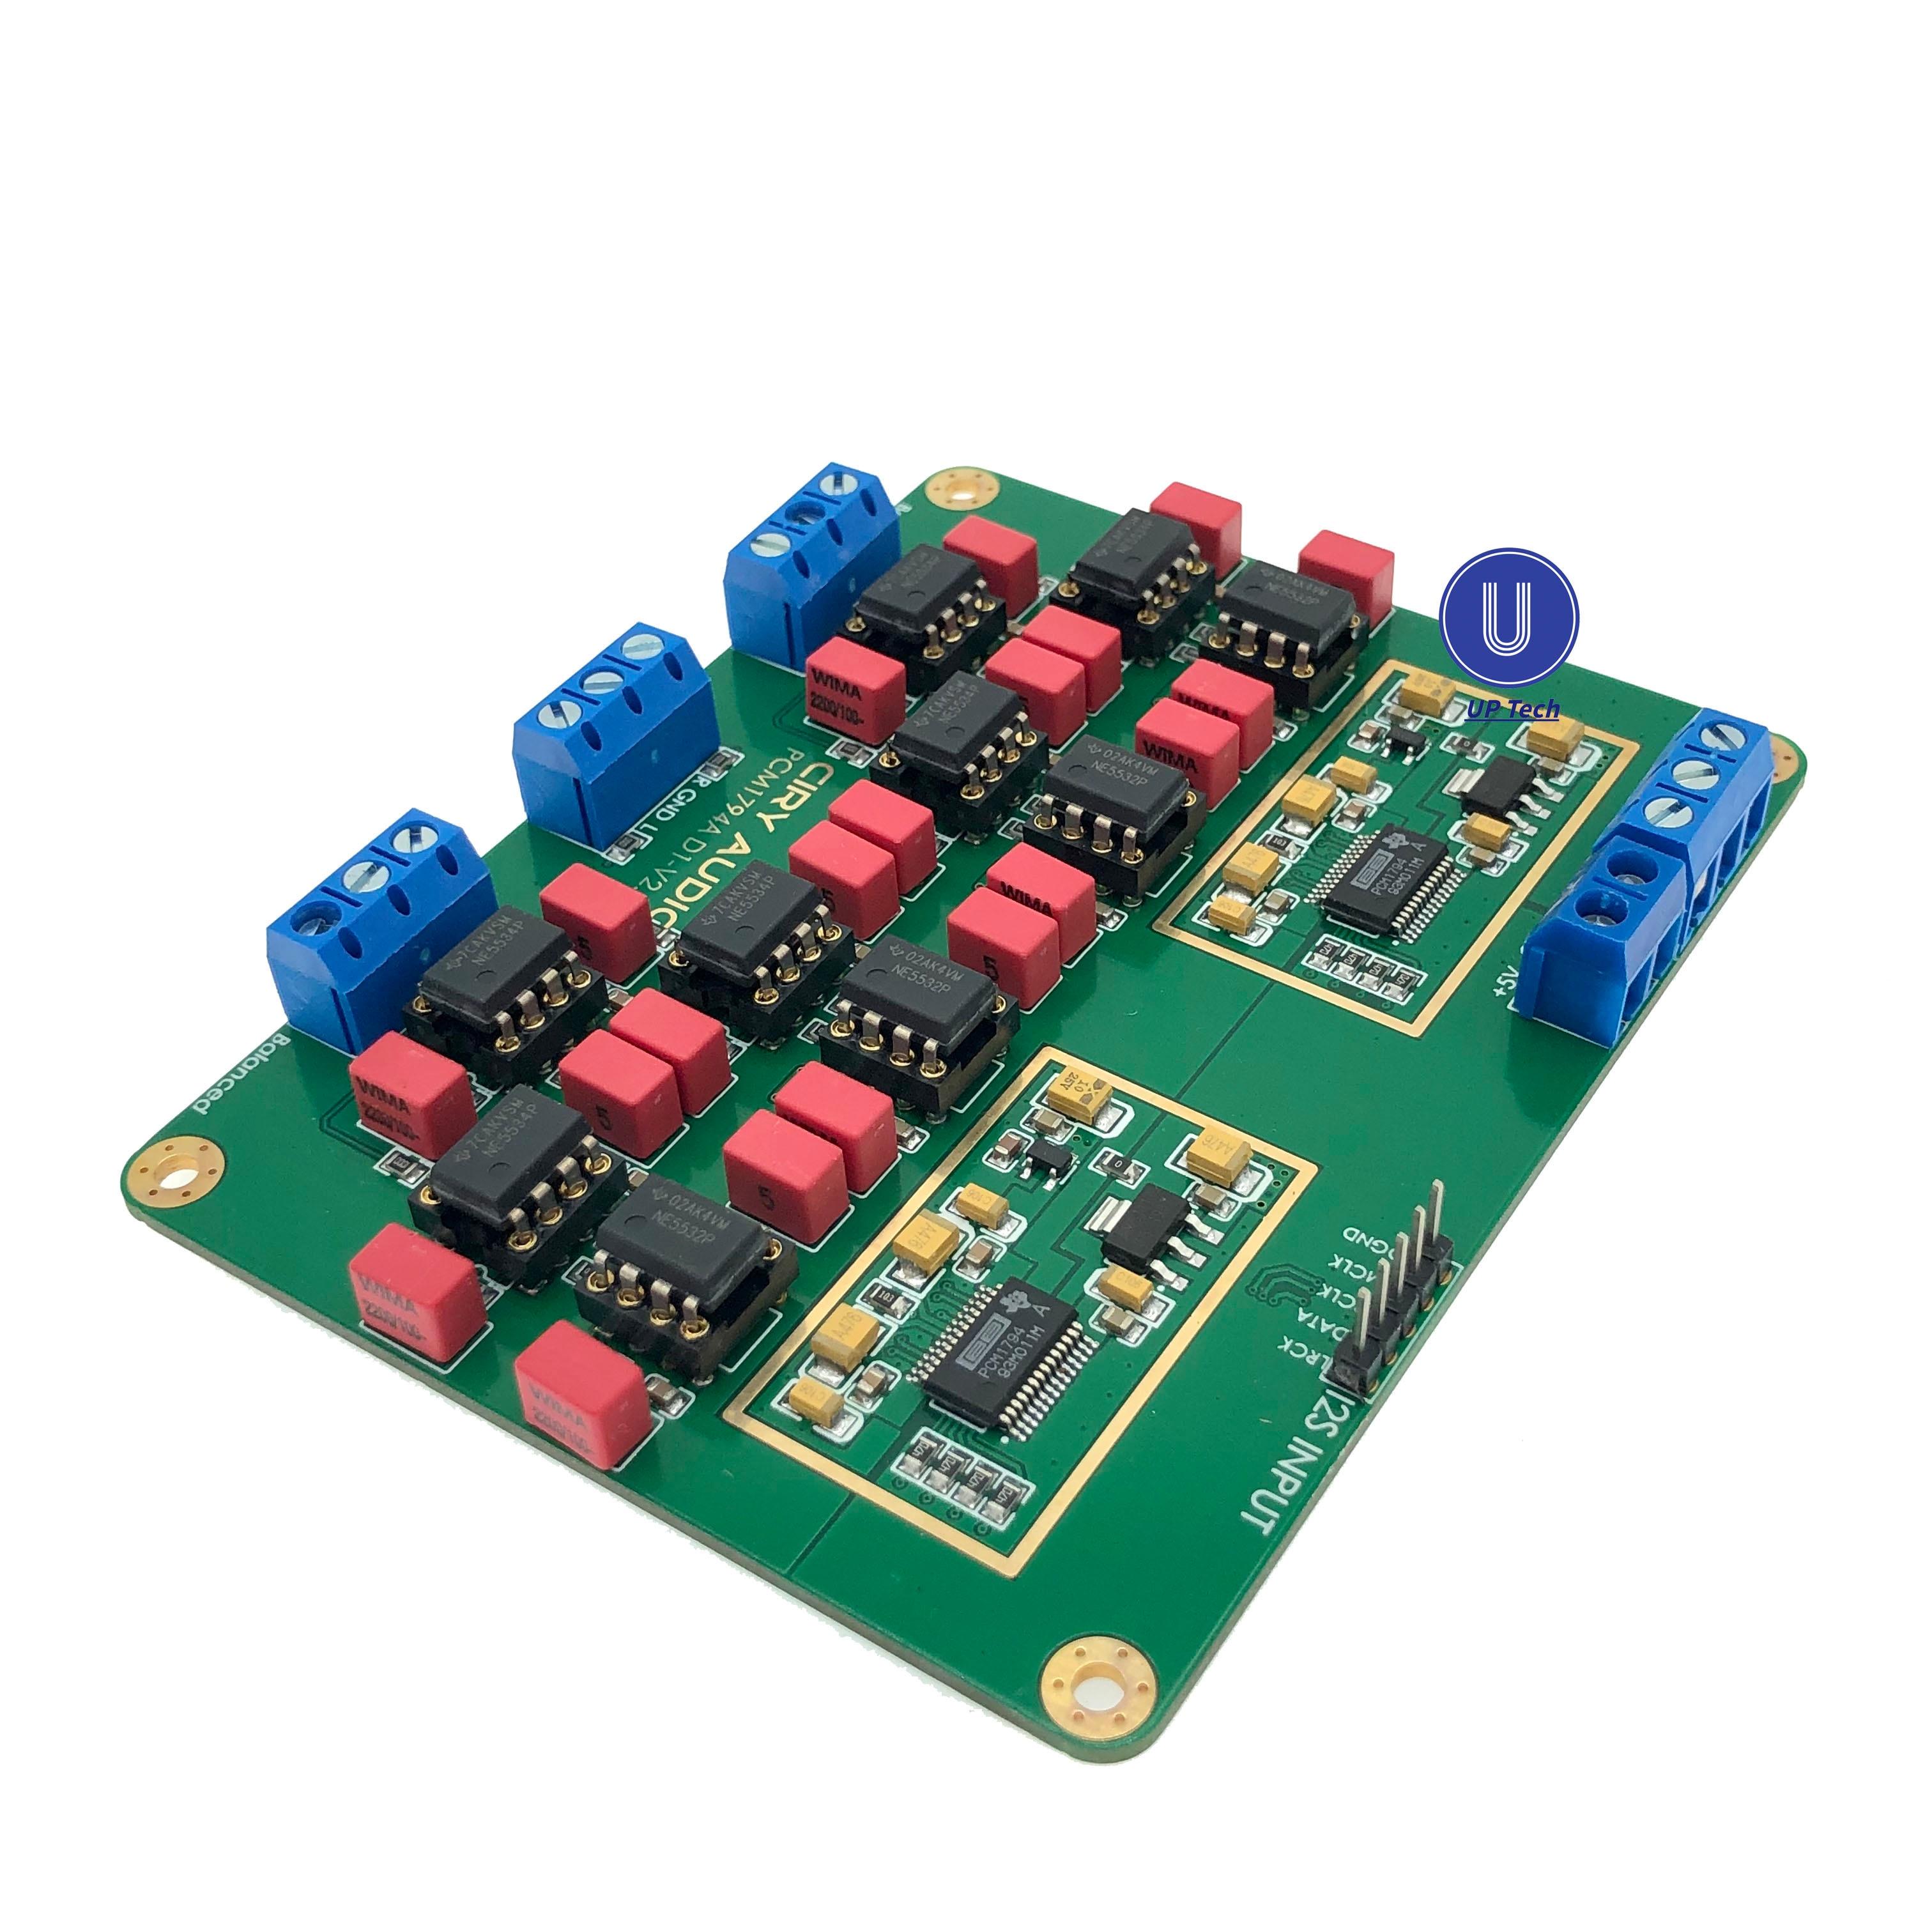 HiFi-وحدة فك ترميز الصوت PCM1794A PCM1794 1794 DAC ، لوحة مجمعة 24 بت 192 كيلو هرتز